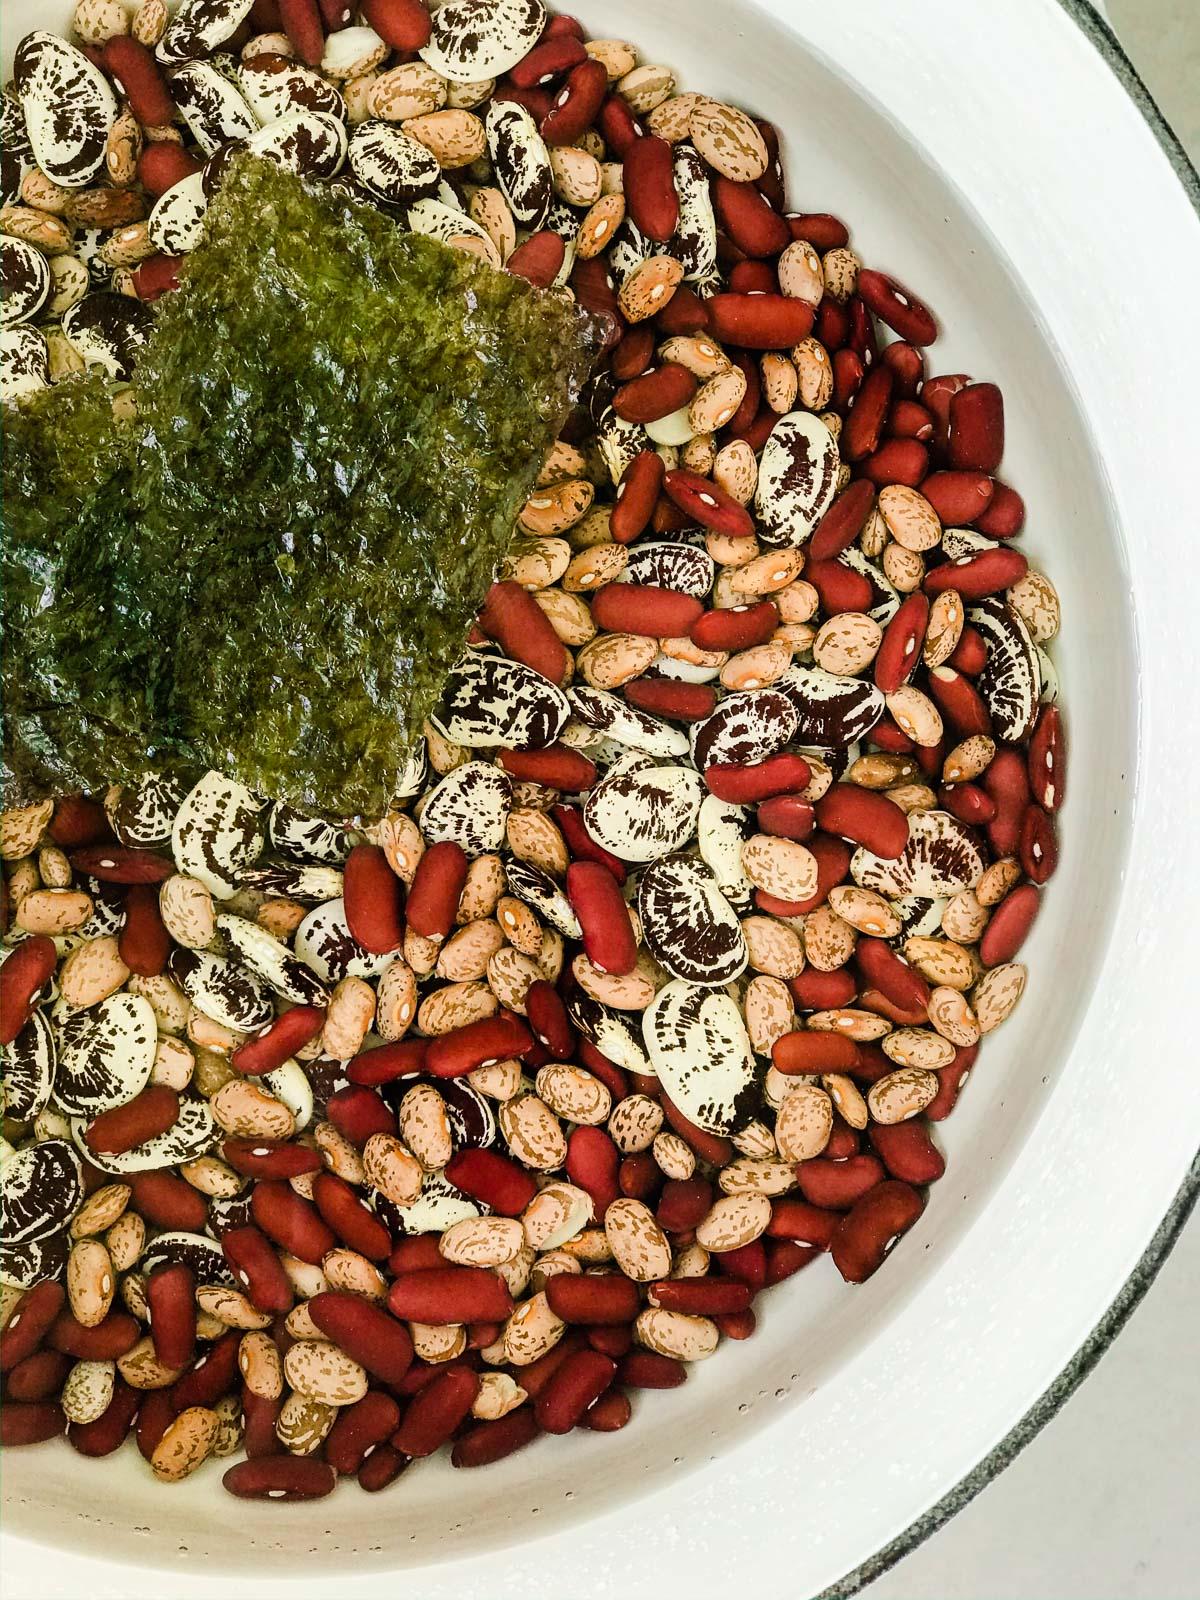 soaking beans for baked beans